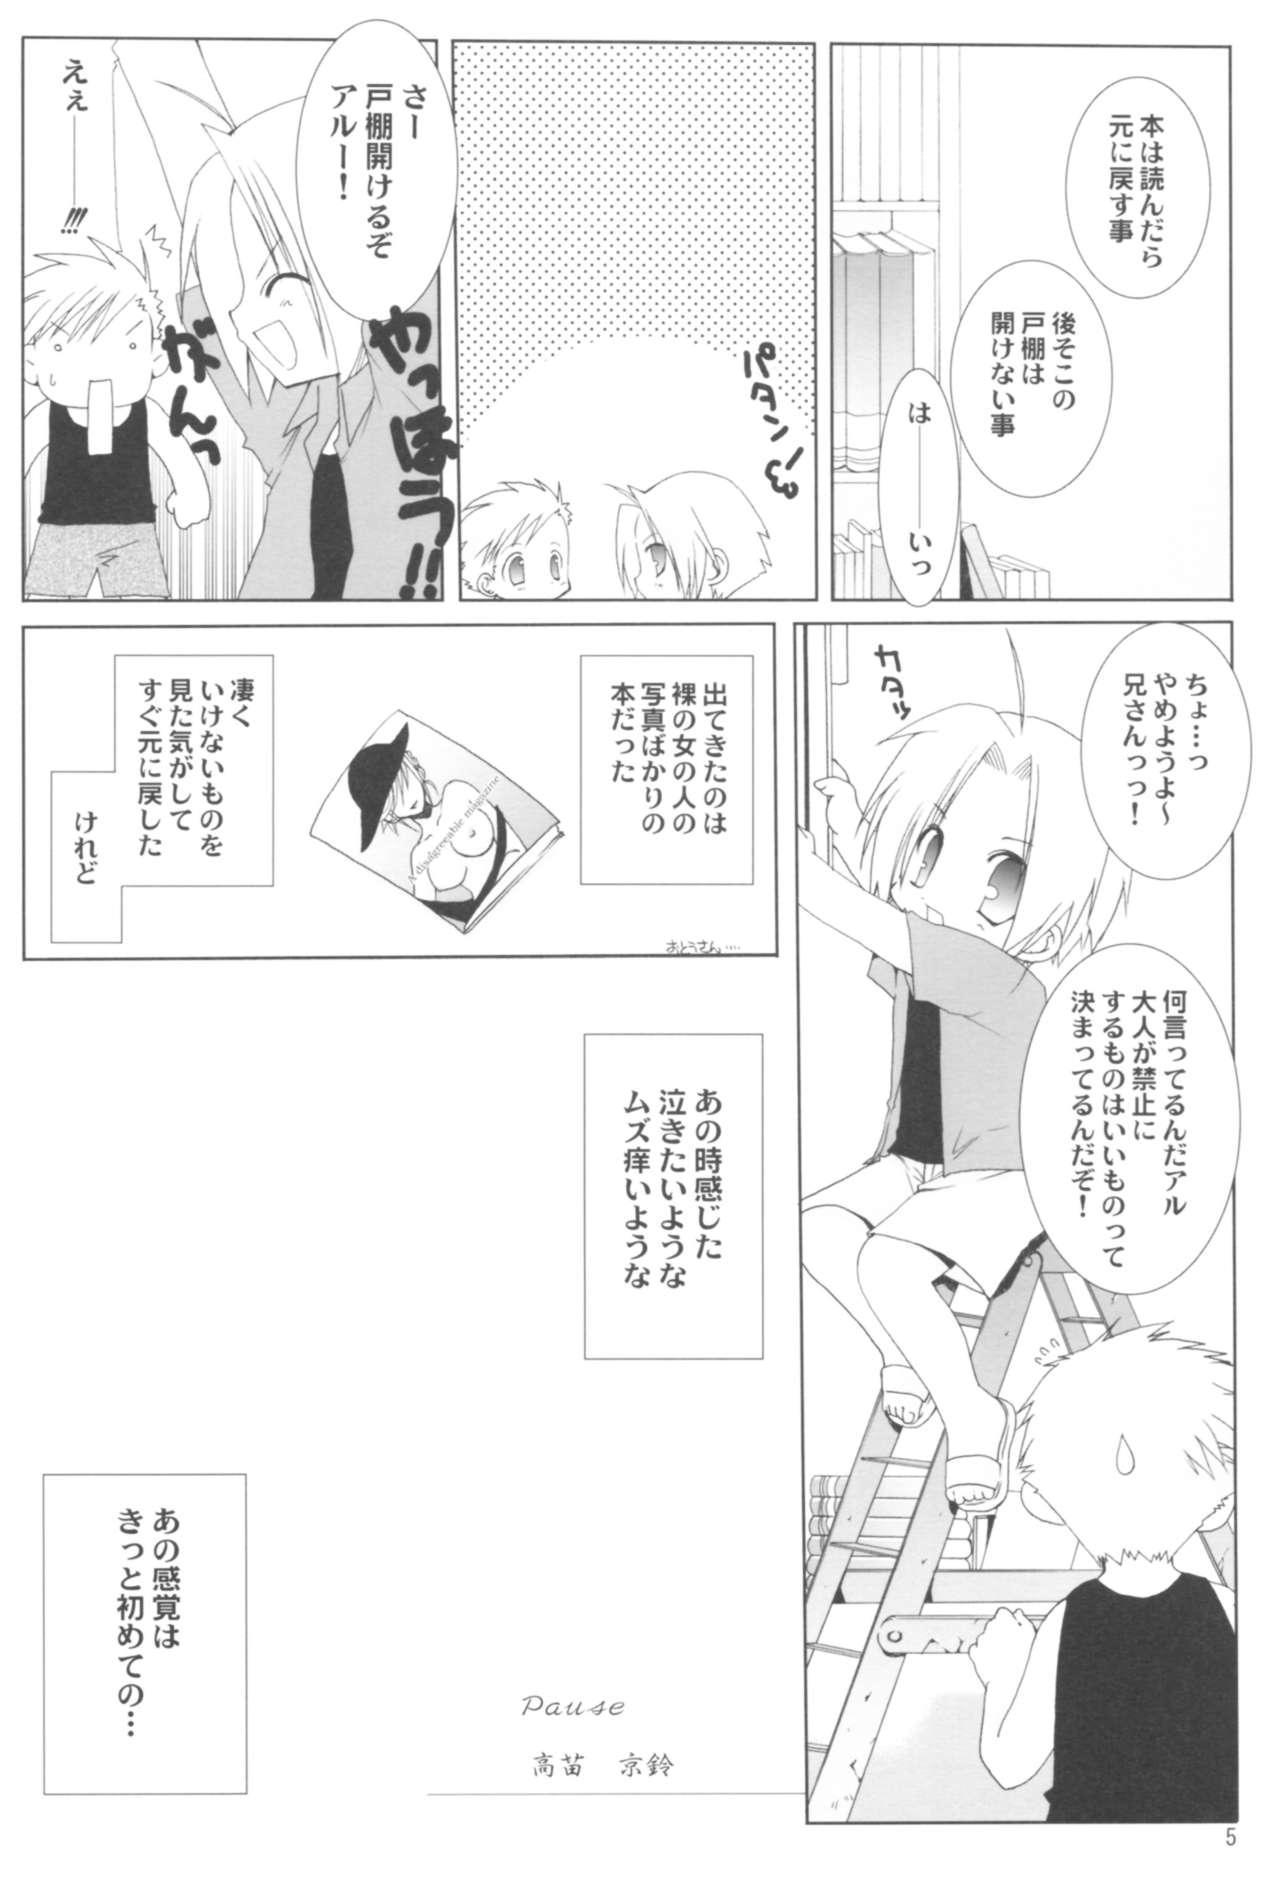 Naedoko Ikusei Kansatsu Kiroku 4